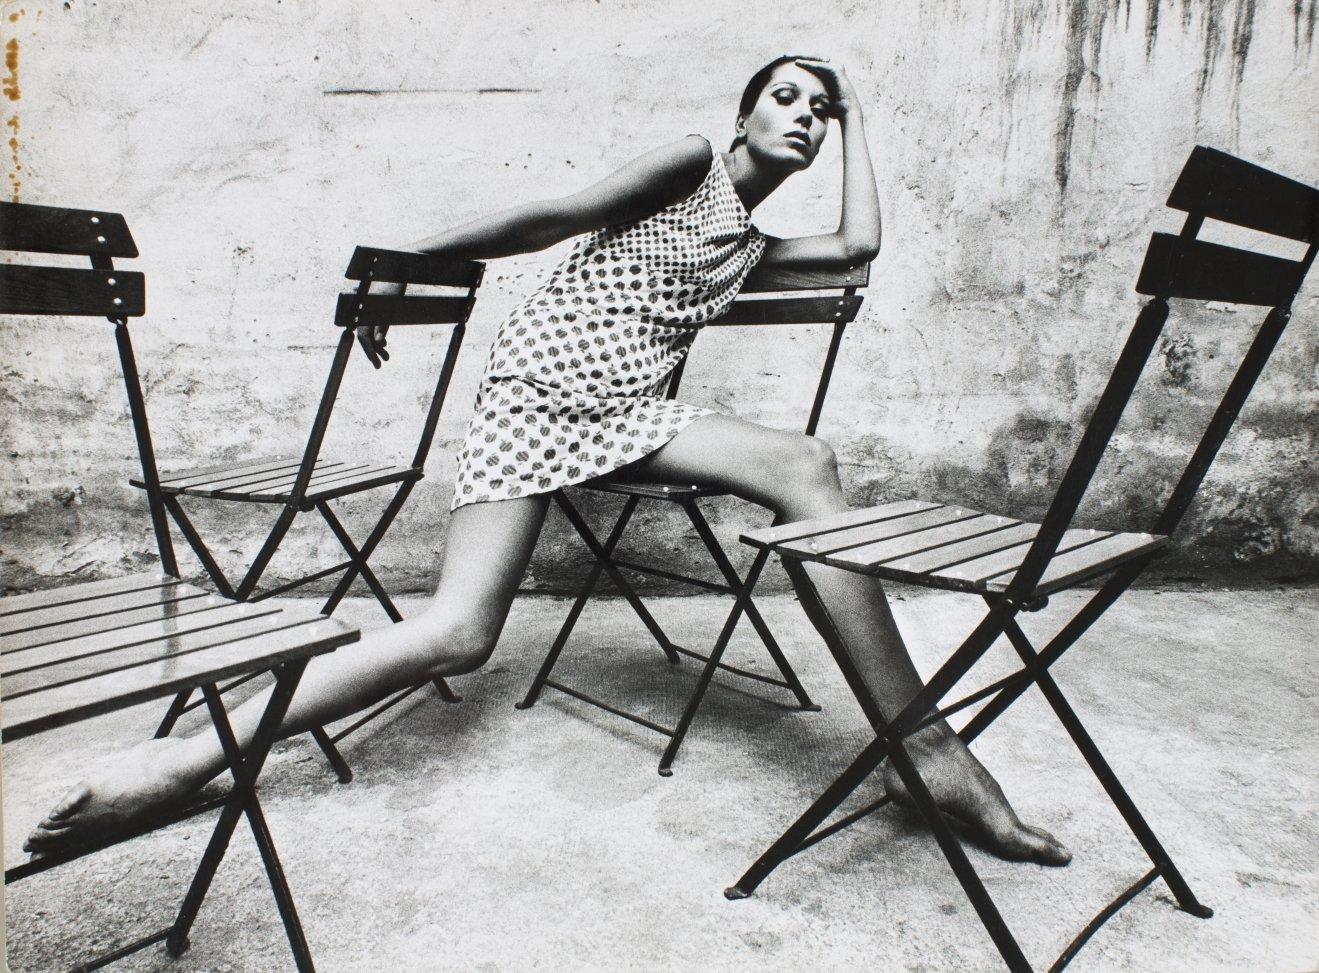 Oriol Maspons. Retrat Elsa Peretti, 1966. Museu Nacional d'Art de Catalunya, dipòsit de l'artista, 2011 © Arxiu fotogràfic Oriol Maspons, VEGAP, Barcelona, 2019.